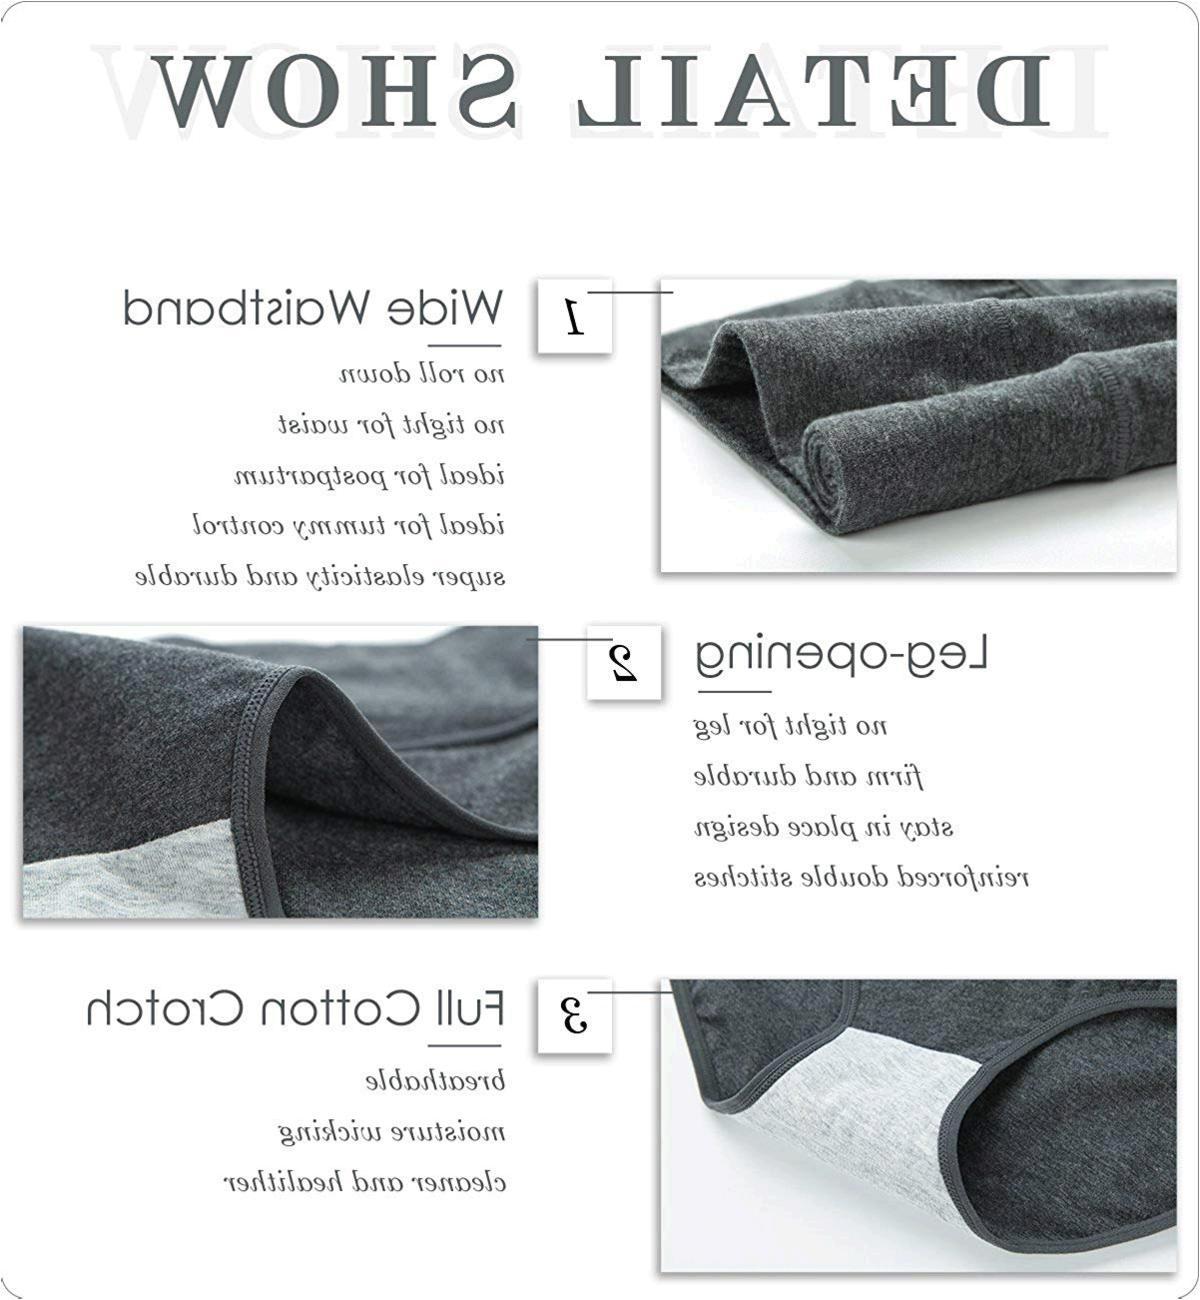 Innersy Women's Cotton Soft Briefs Underwear Postpartum ...